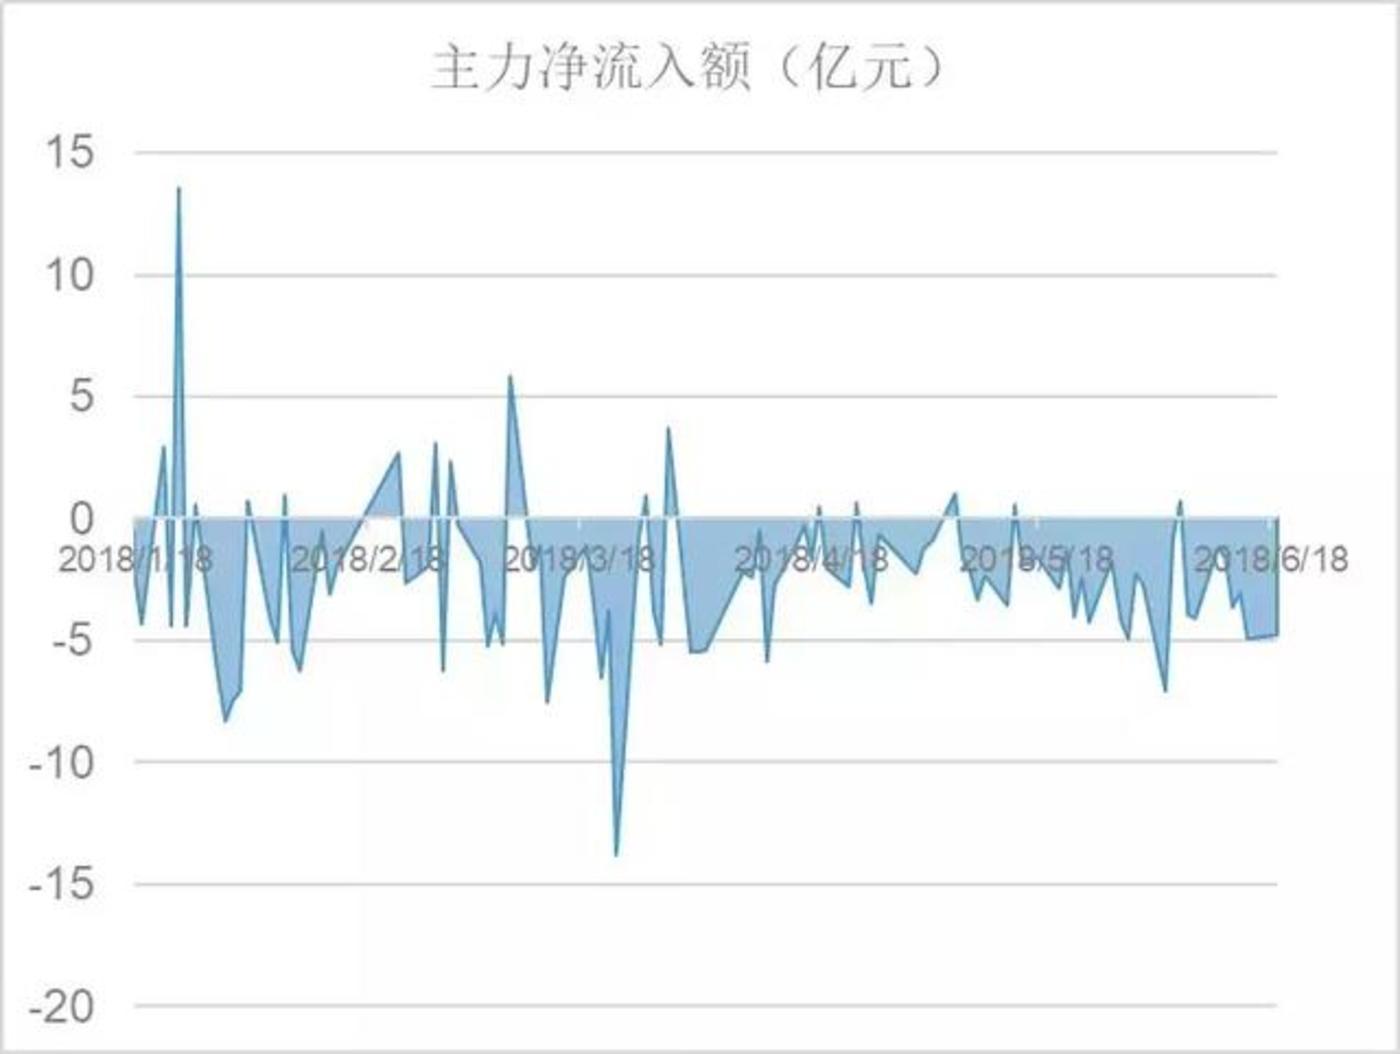 数据来源:东方财富